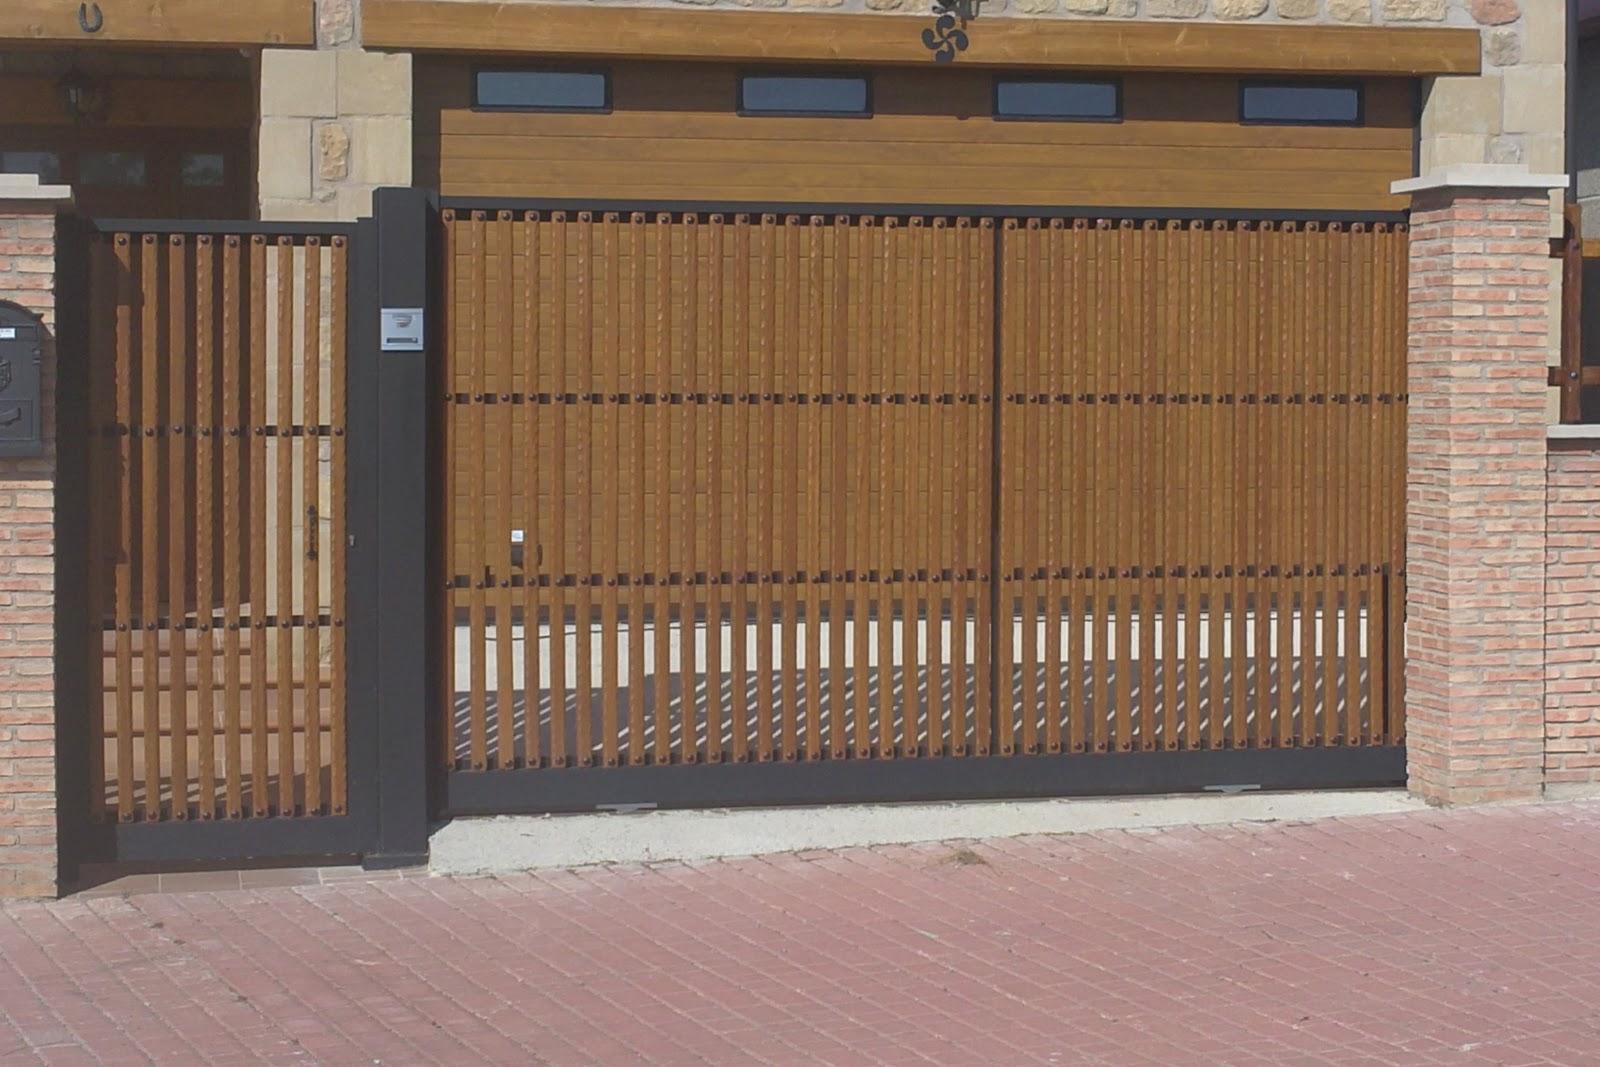 talleres montiel puerta corredera y peatonal en unifamiliar